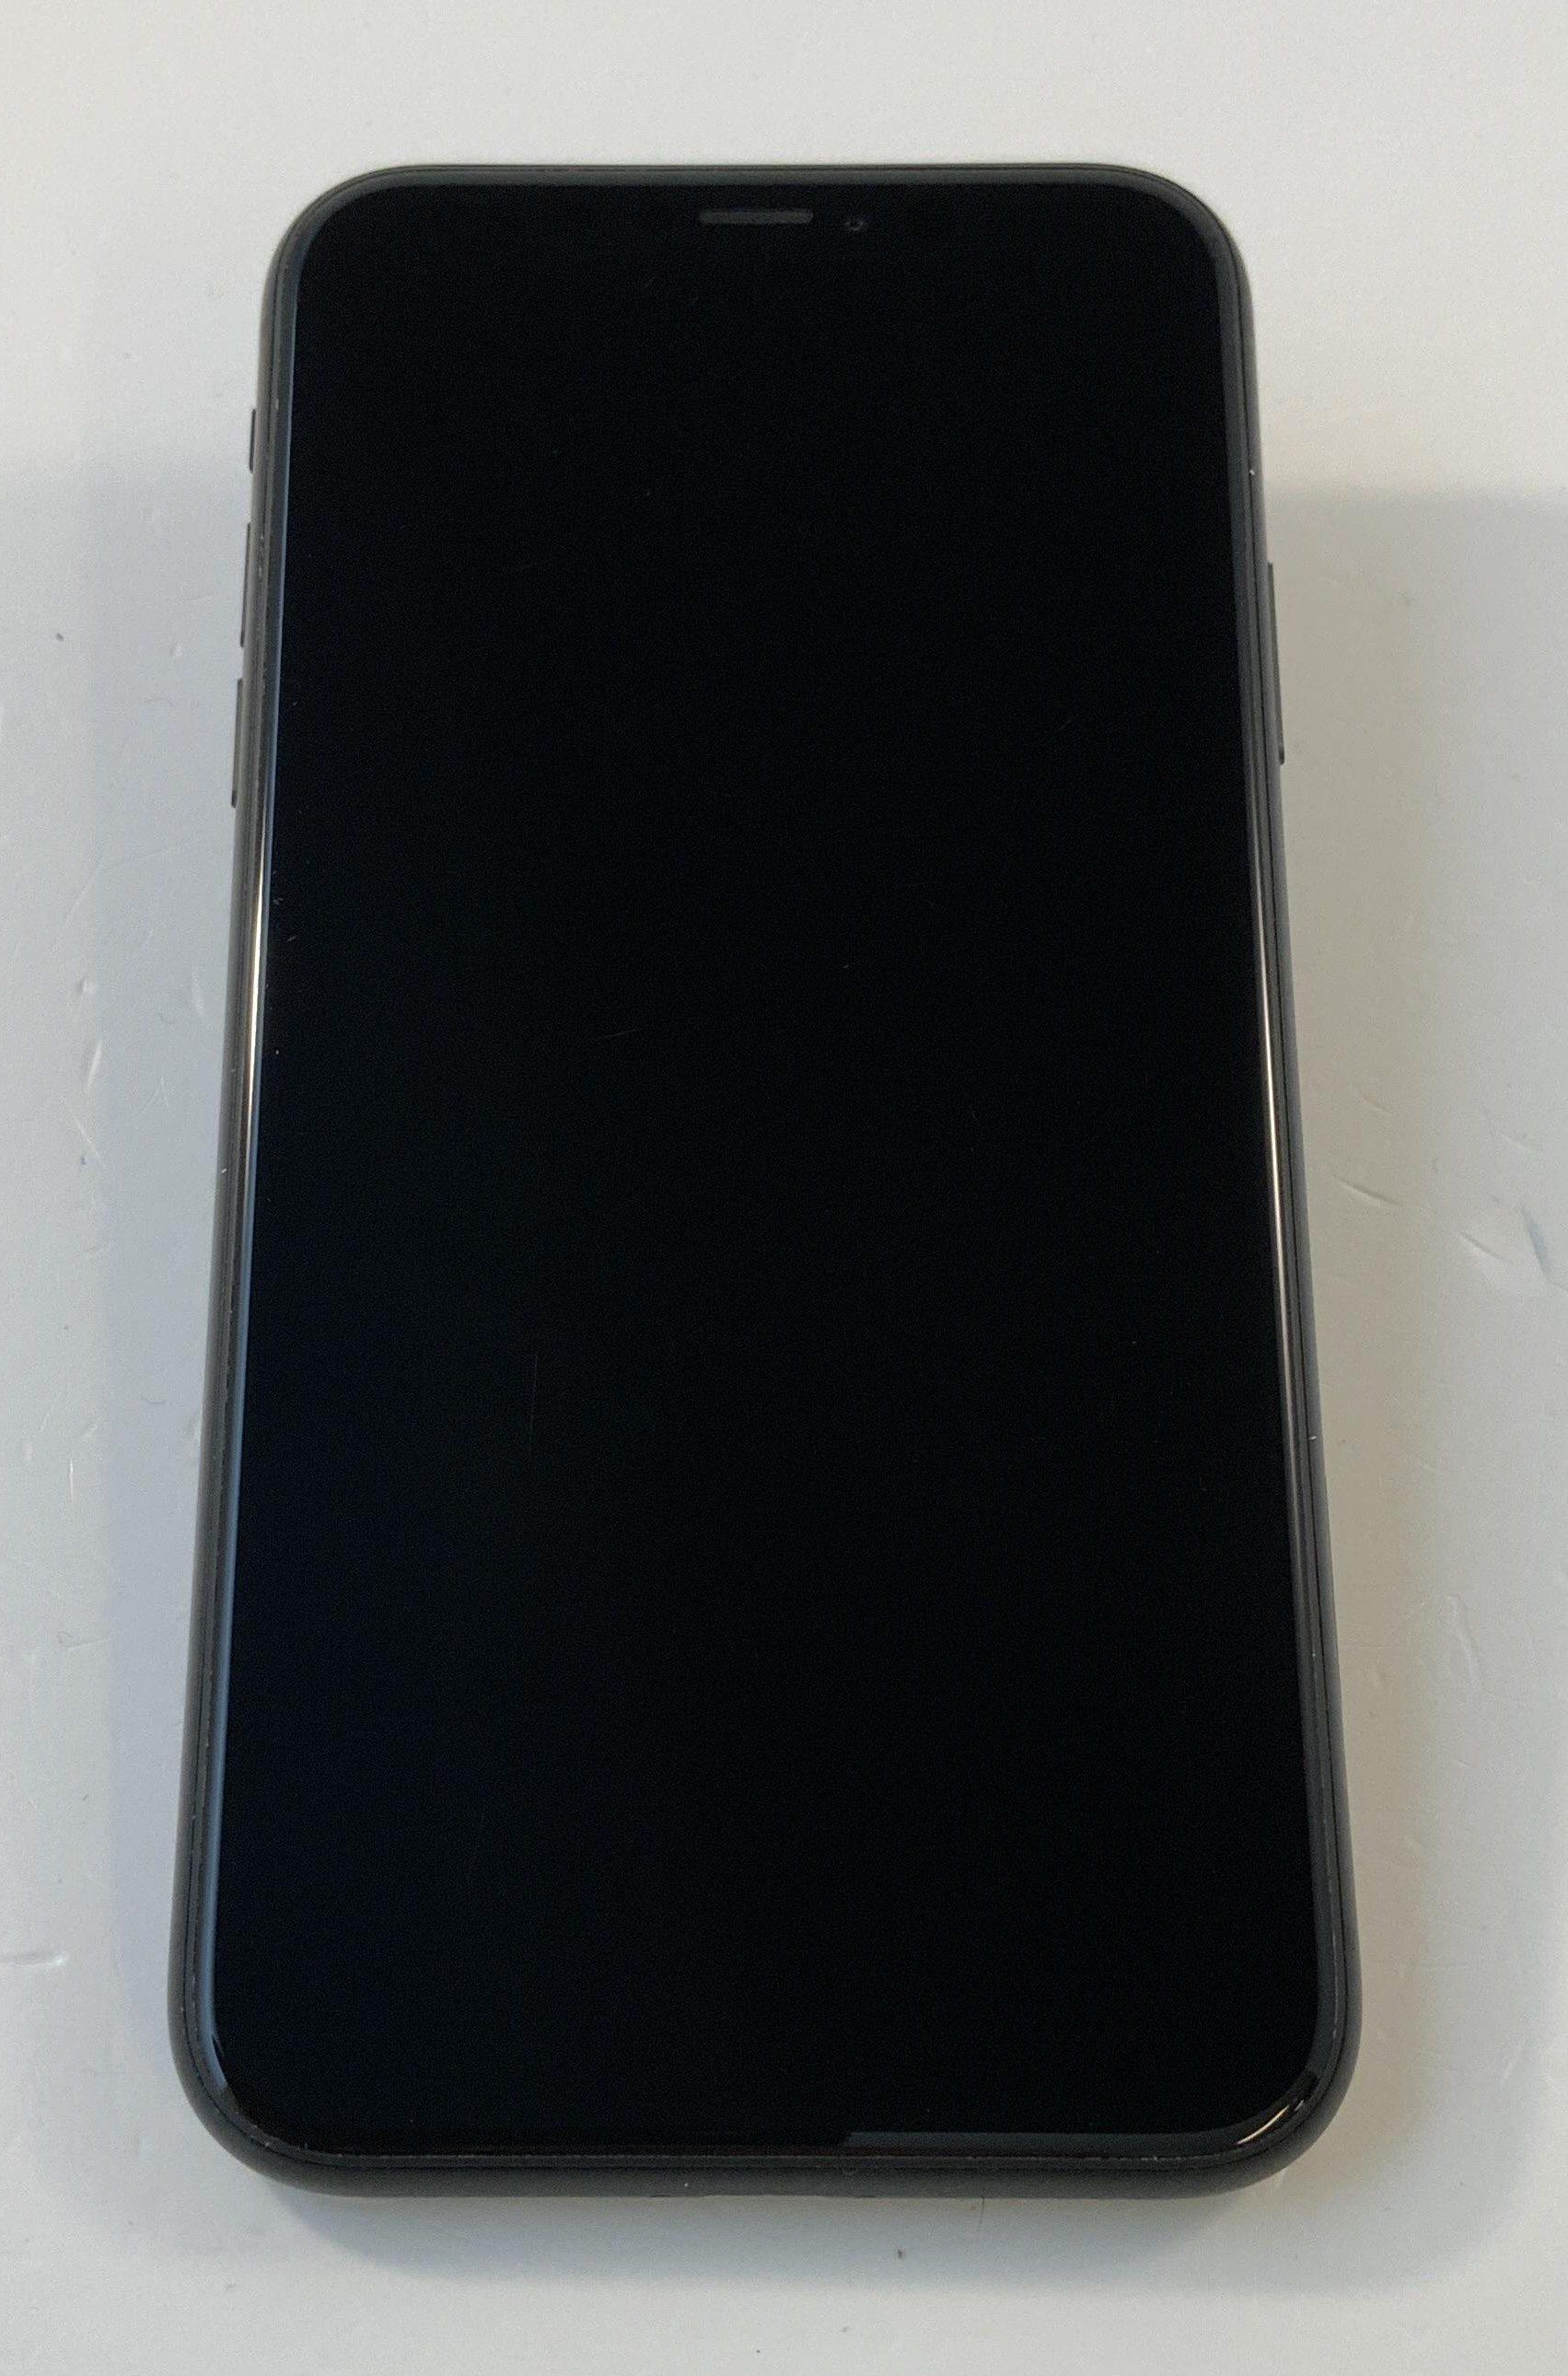 iPhone XR 64GB, 64GB, Black, obraz 1